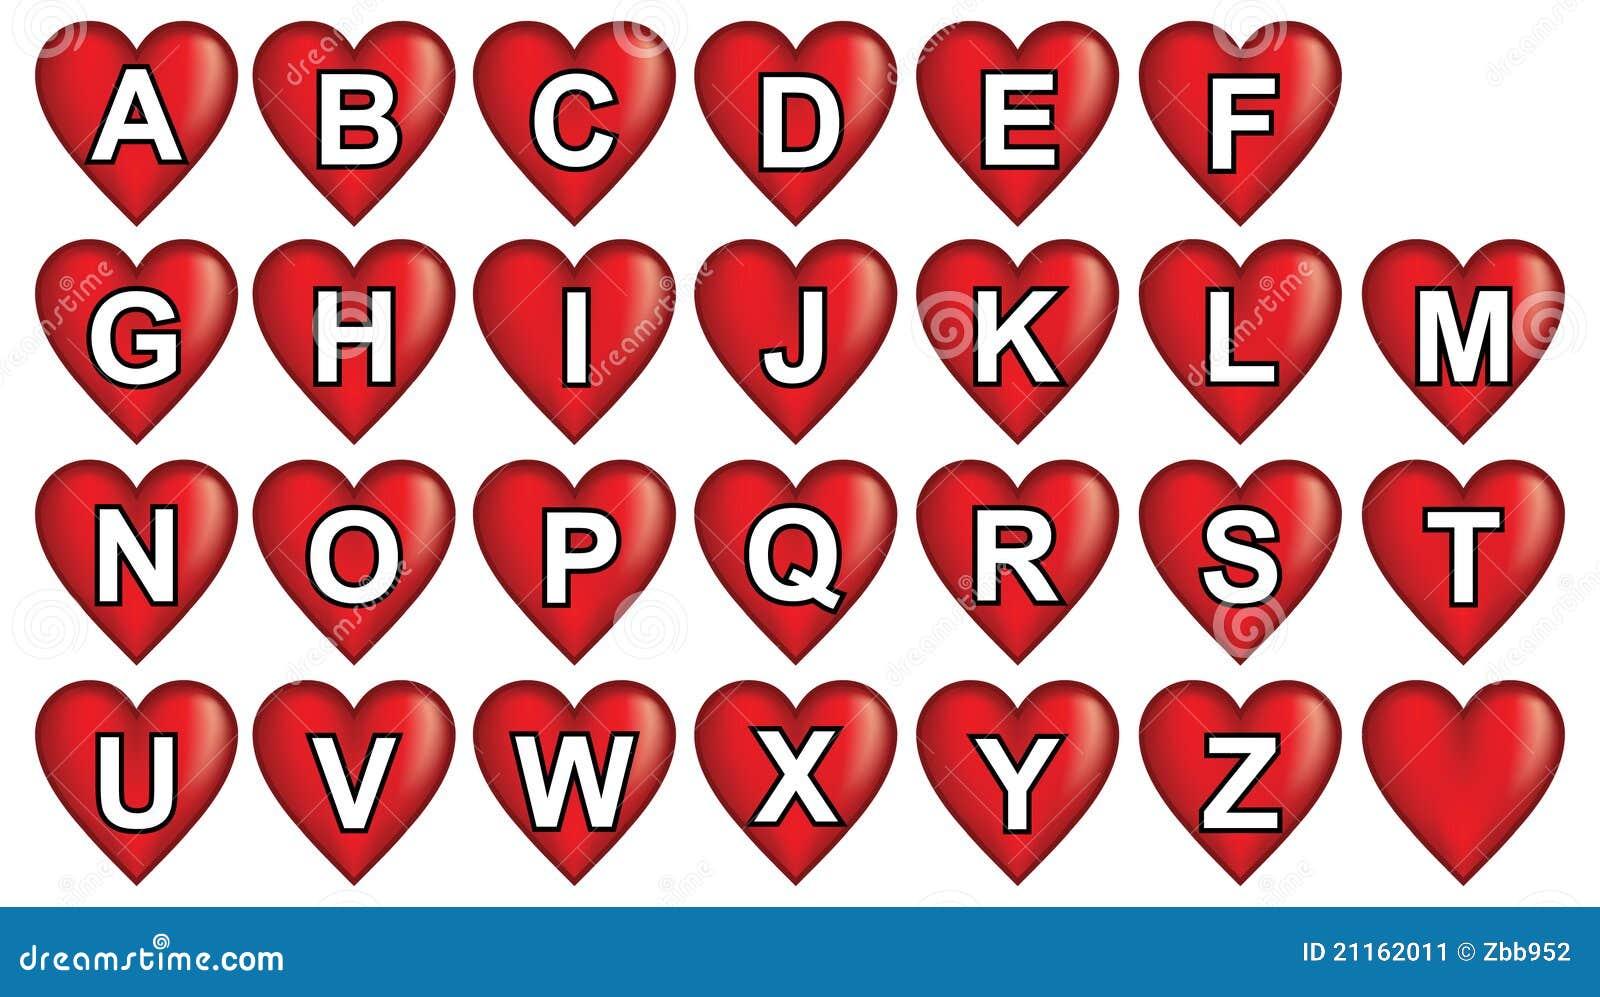 Alfabeto vermelh...M Alphabet Wallpaper